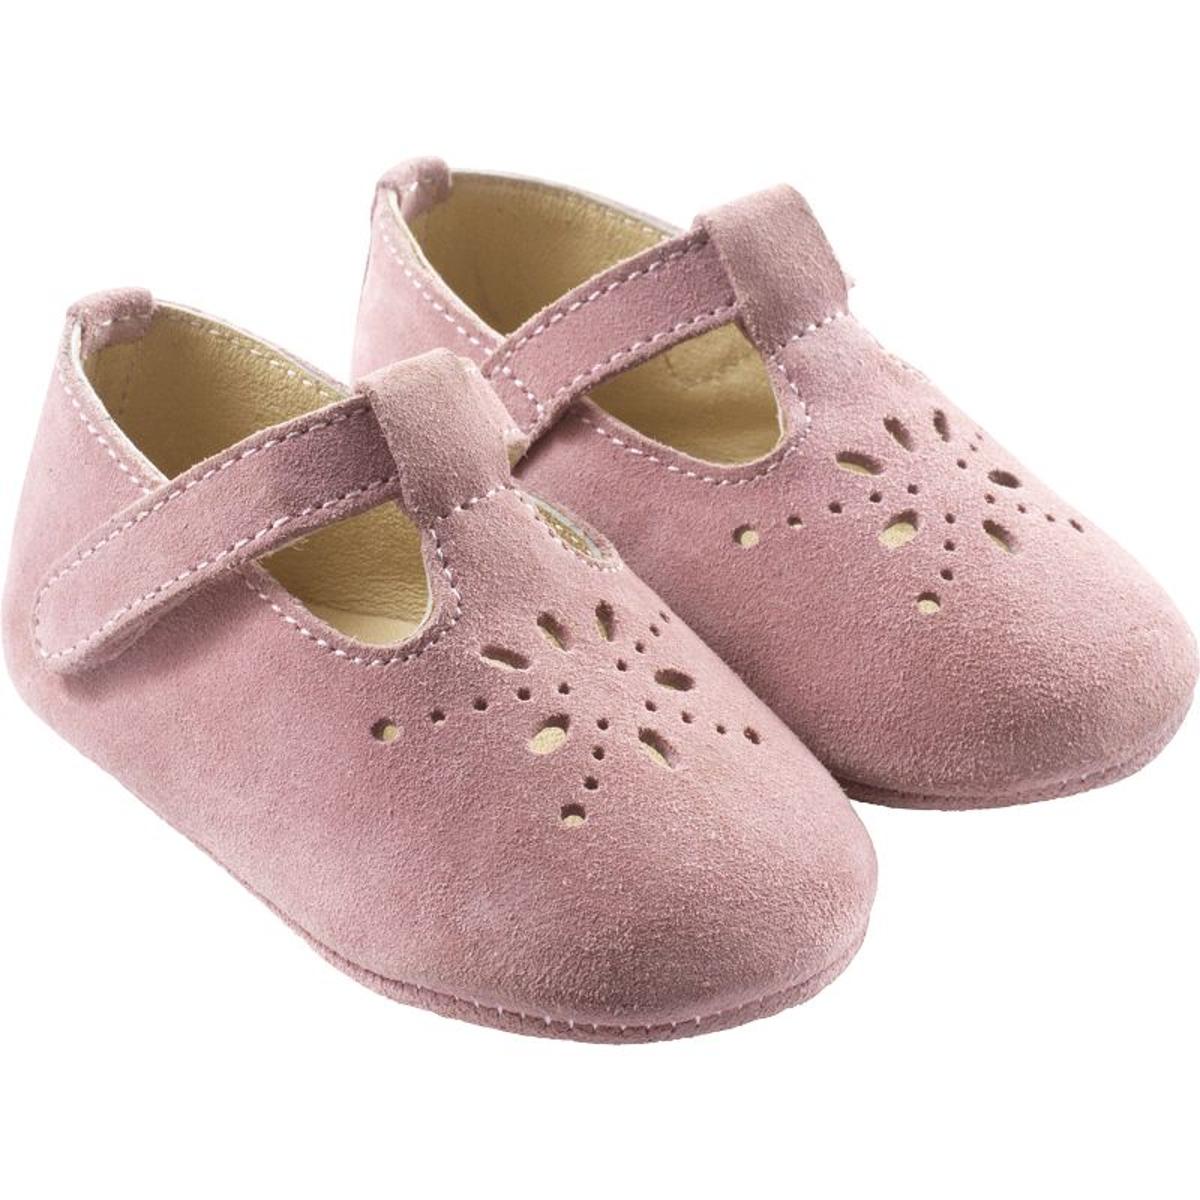 Chaussures bébé cuir souple SALOME